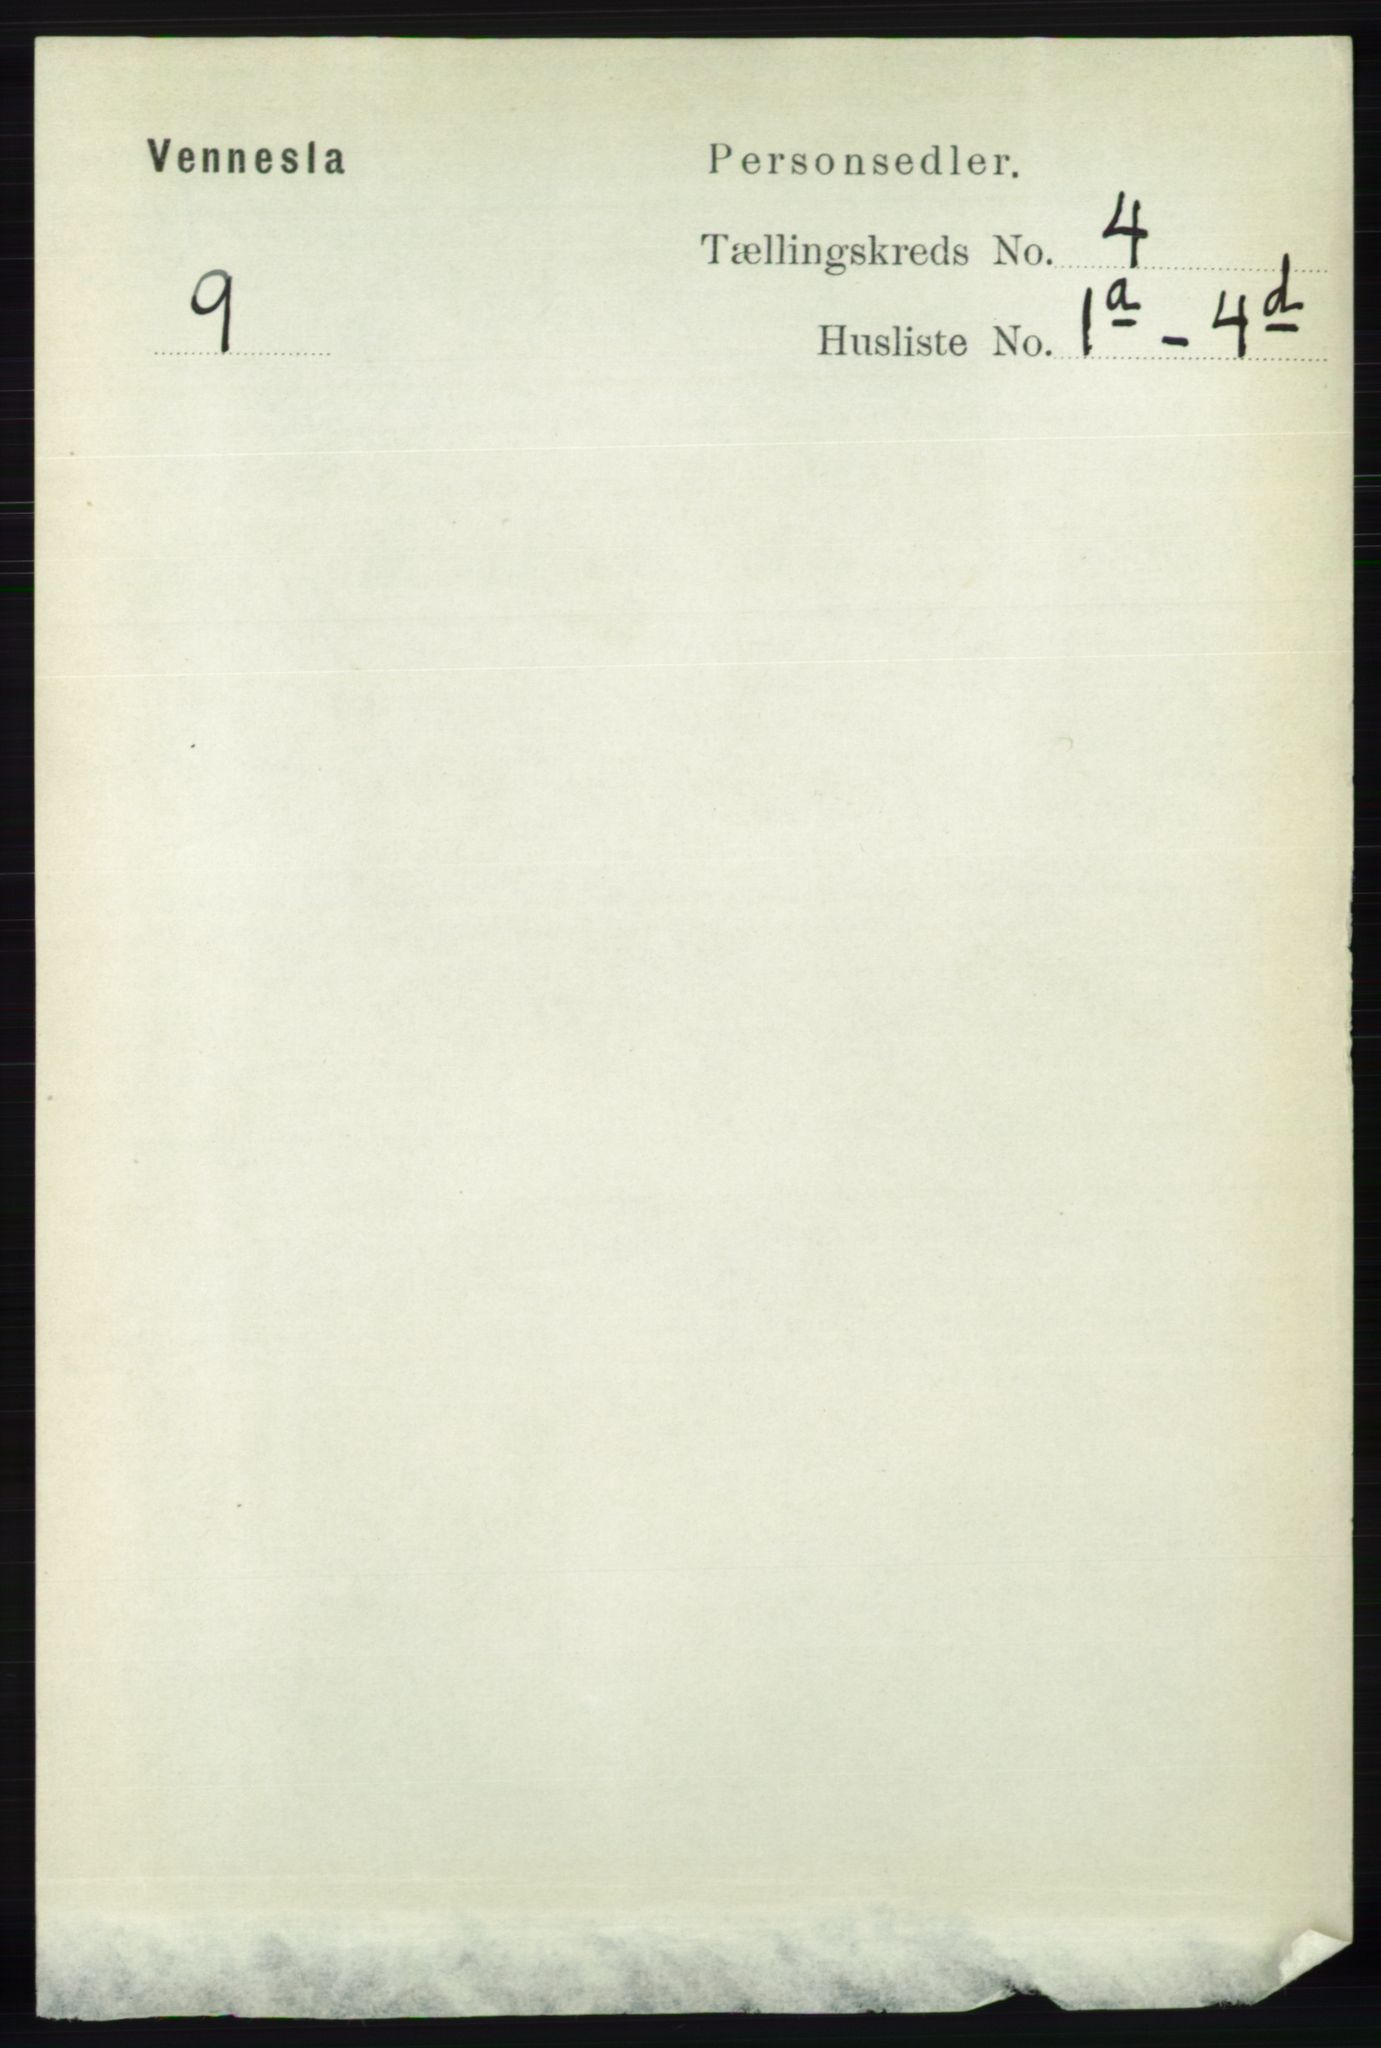 RA, Folketelling 1891 for 1014 Vennesla herred, 1891, s. 848